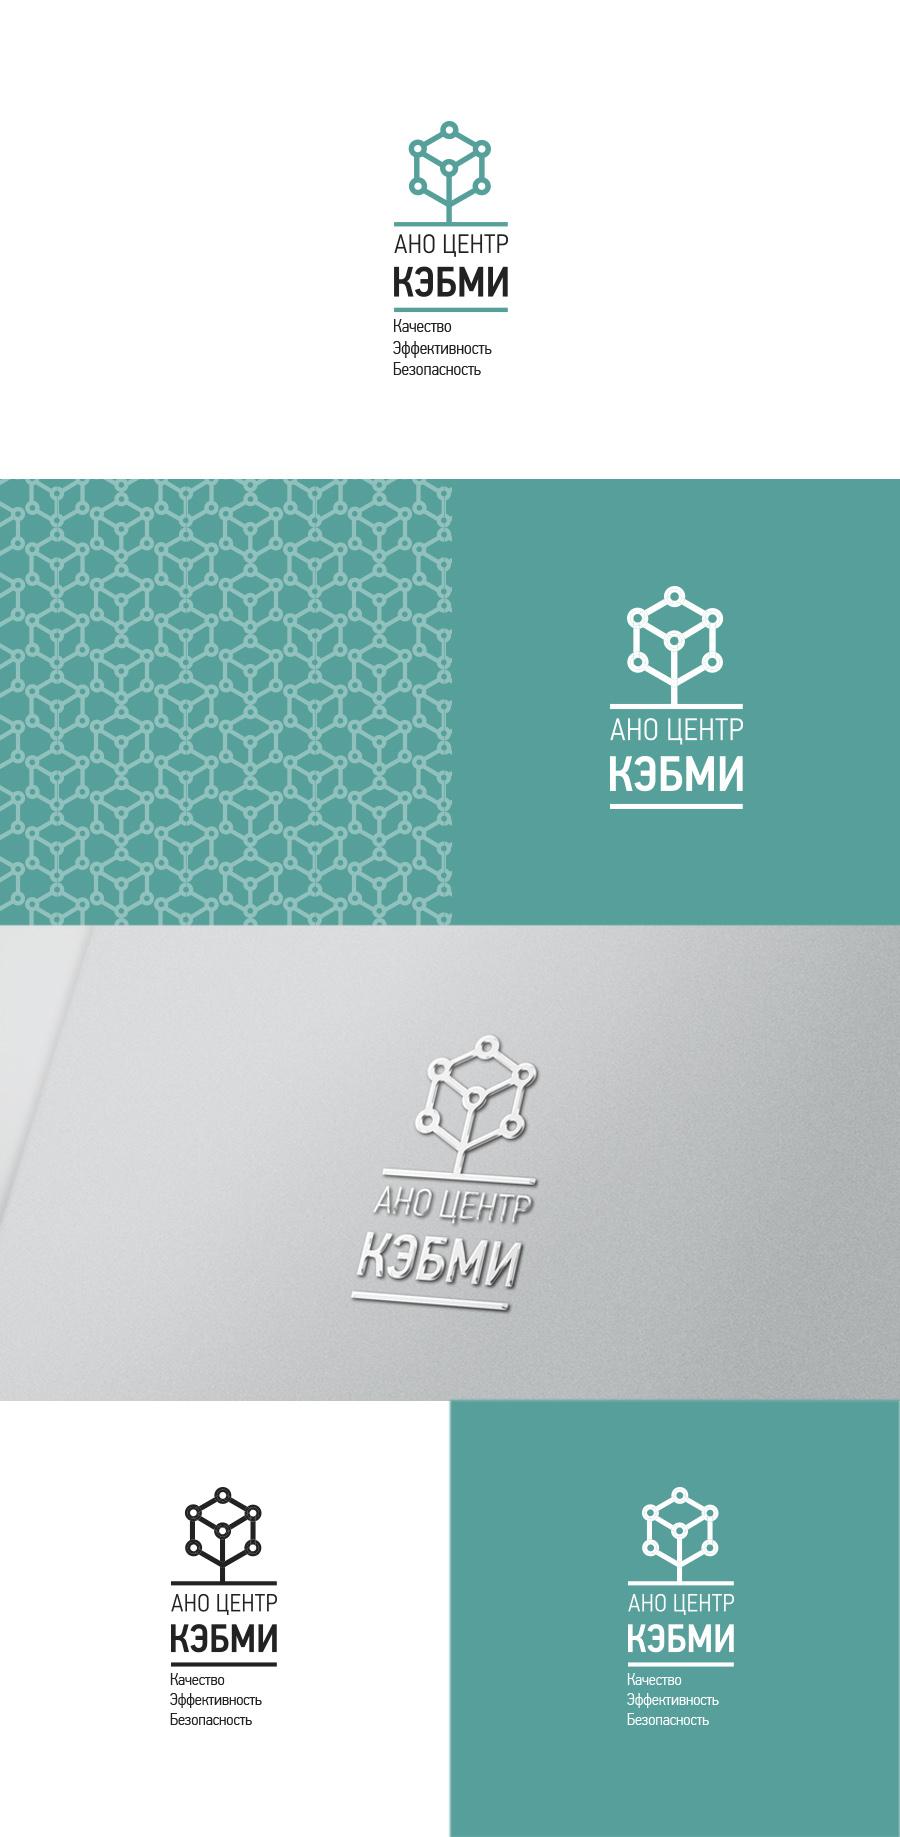 Редизайн логотипа АНО Центр КЭБМИ - BREVIS фото f_1835b266b253e1e4.jpg